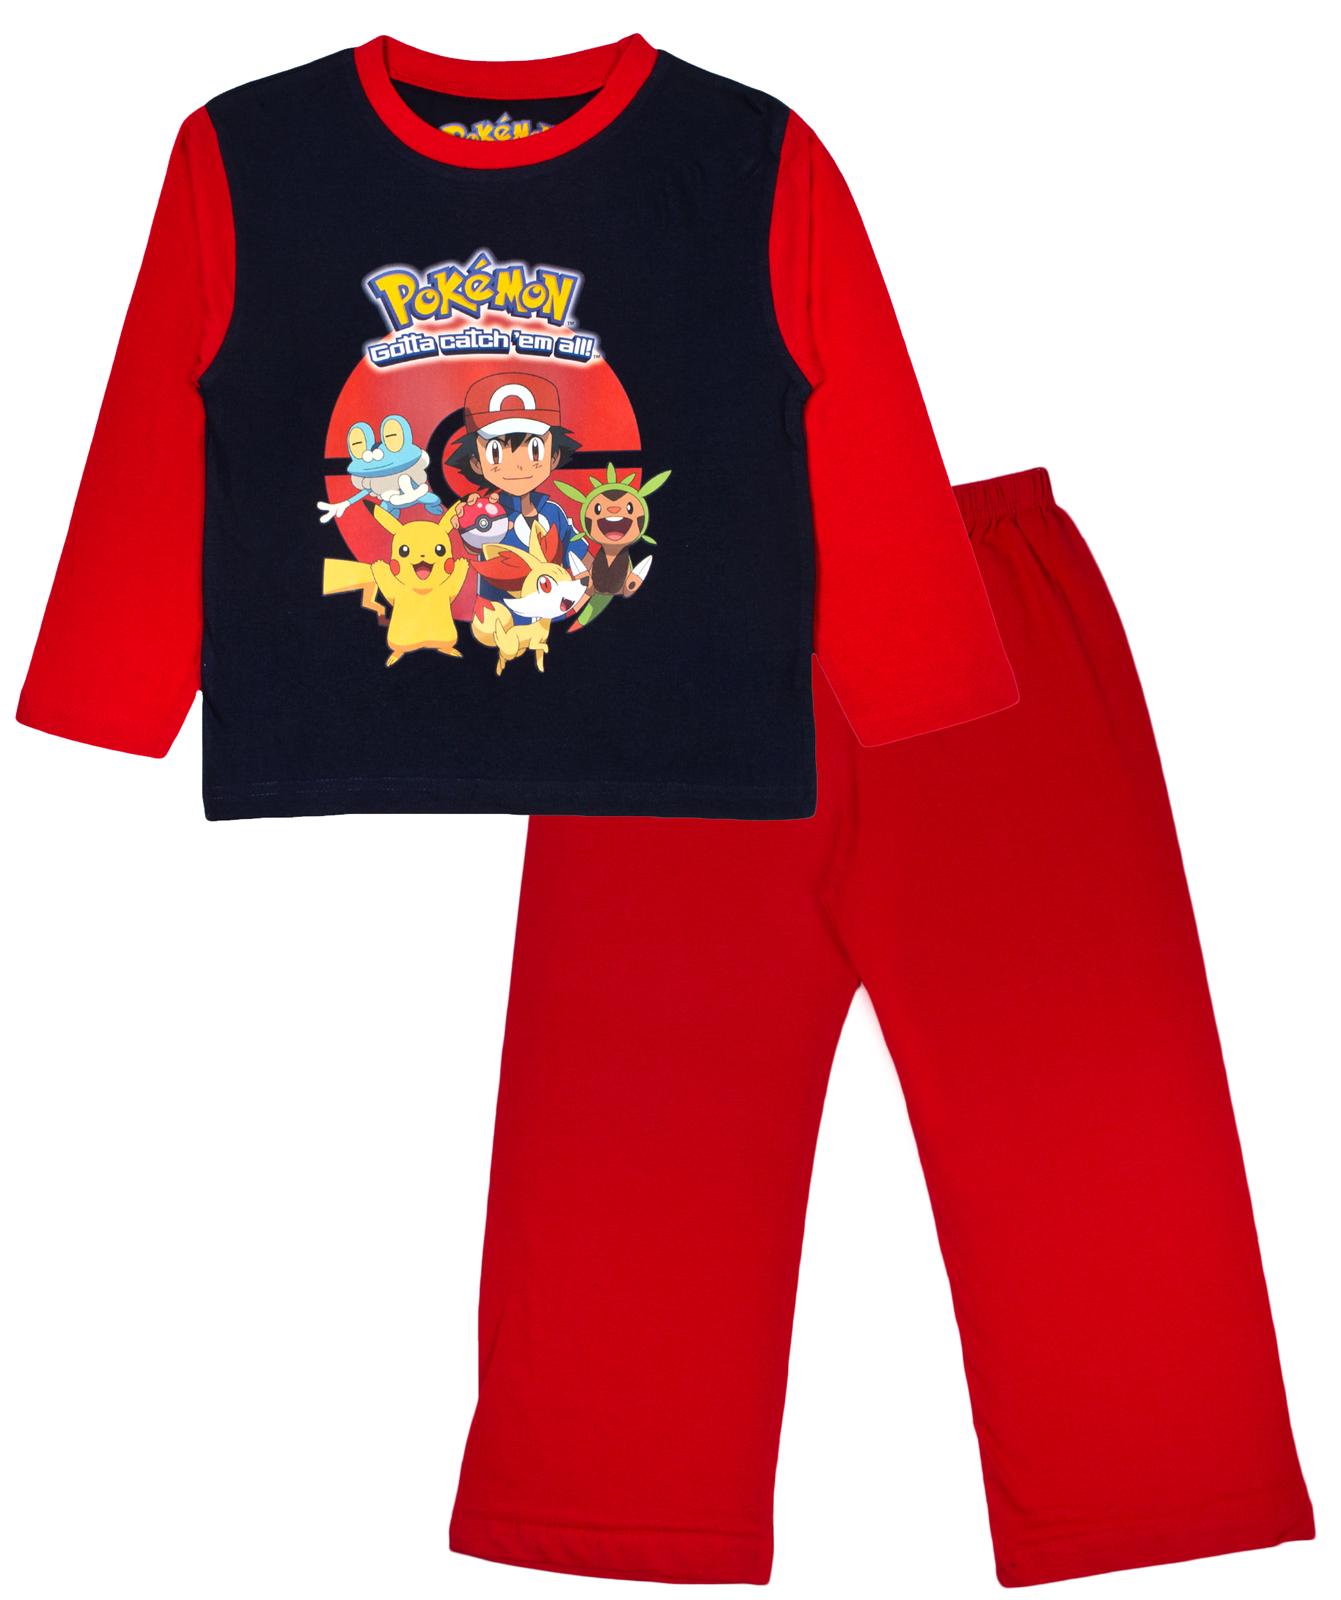 Boys Pokemon Go Pyjamas Full Length Pikachu Pjs 2 Piece Pyjama Set Kids Size - PNG Pyjamas